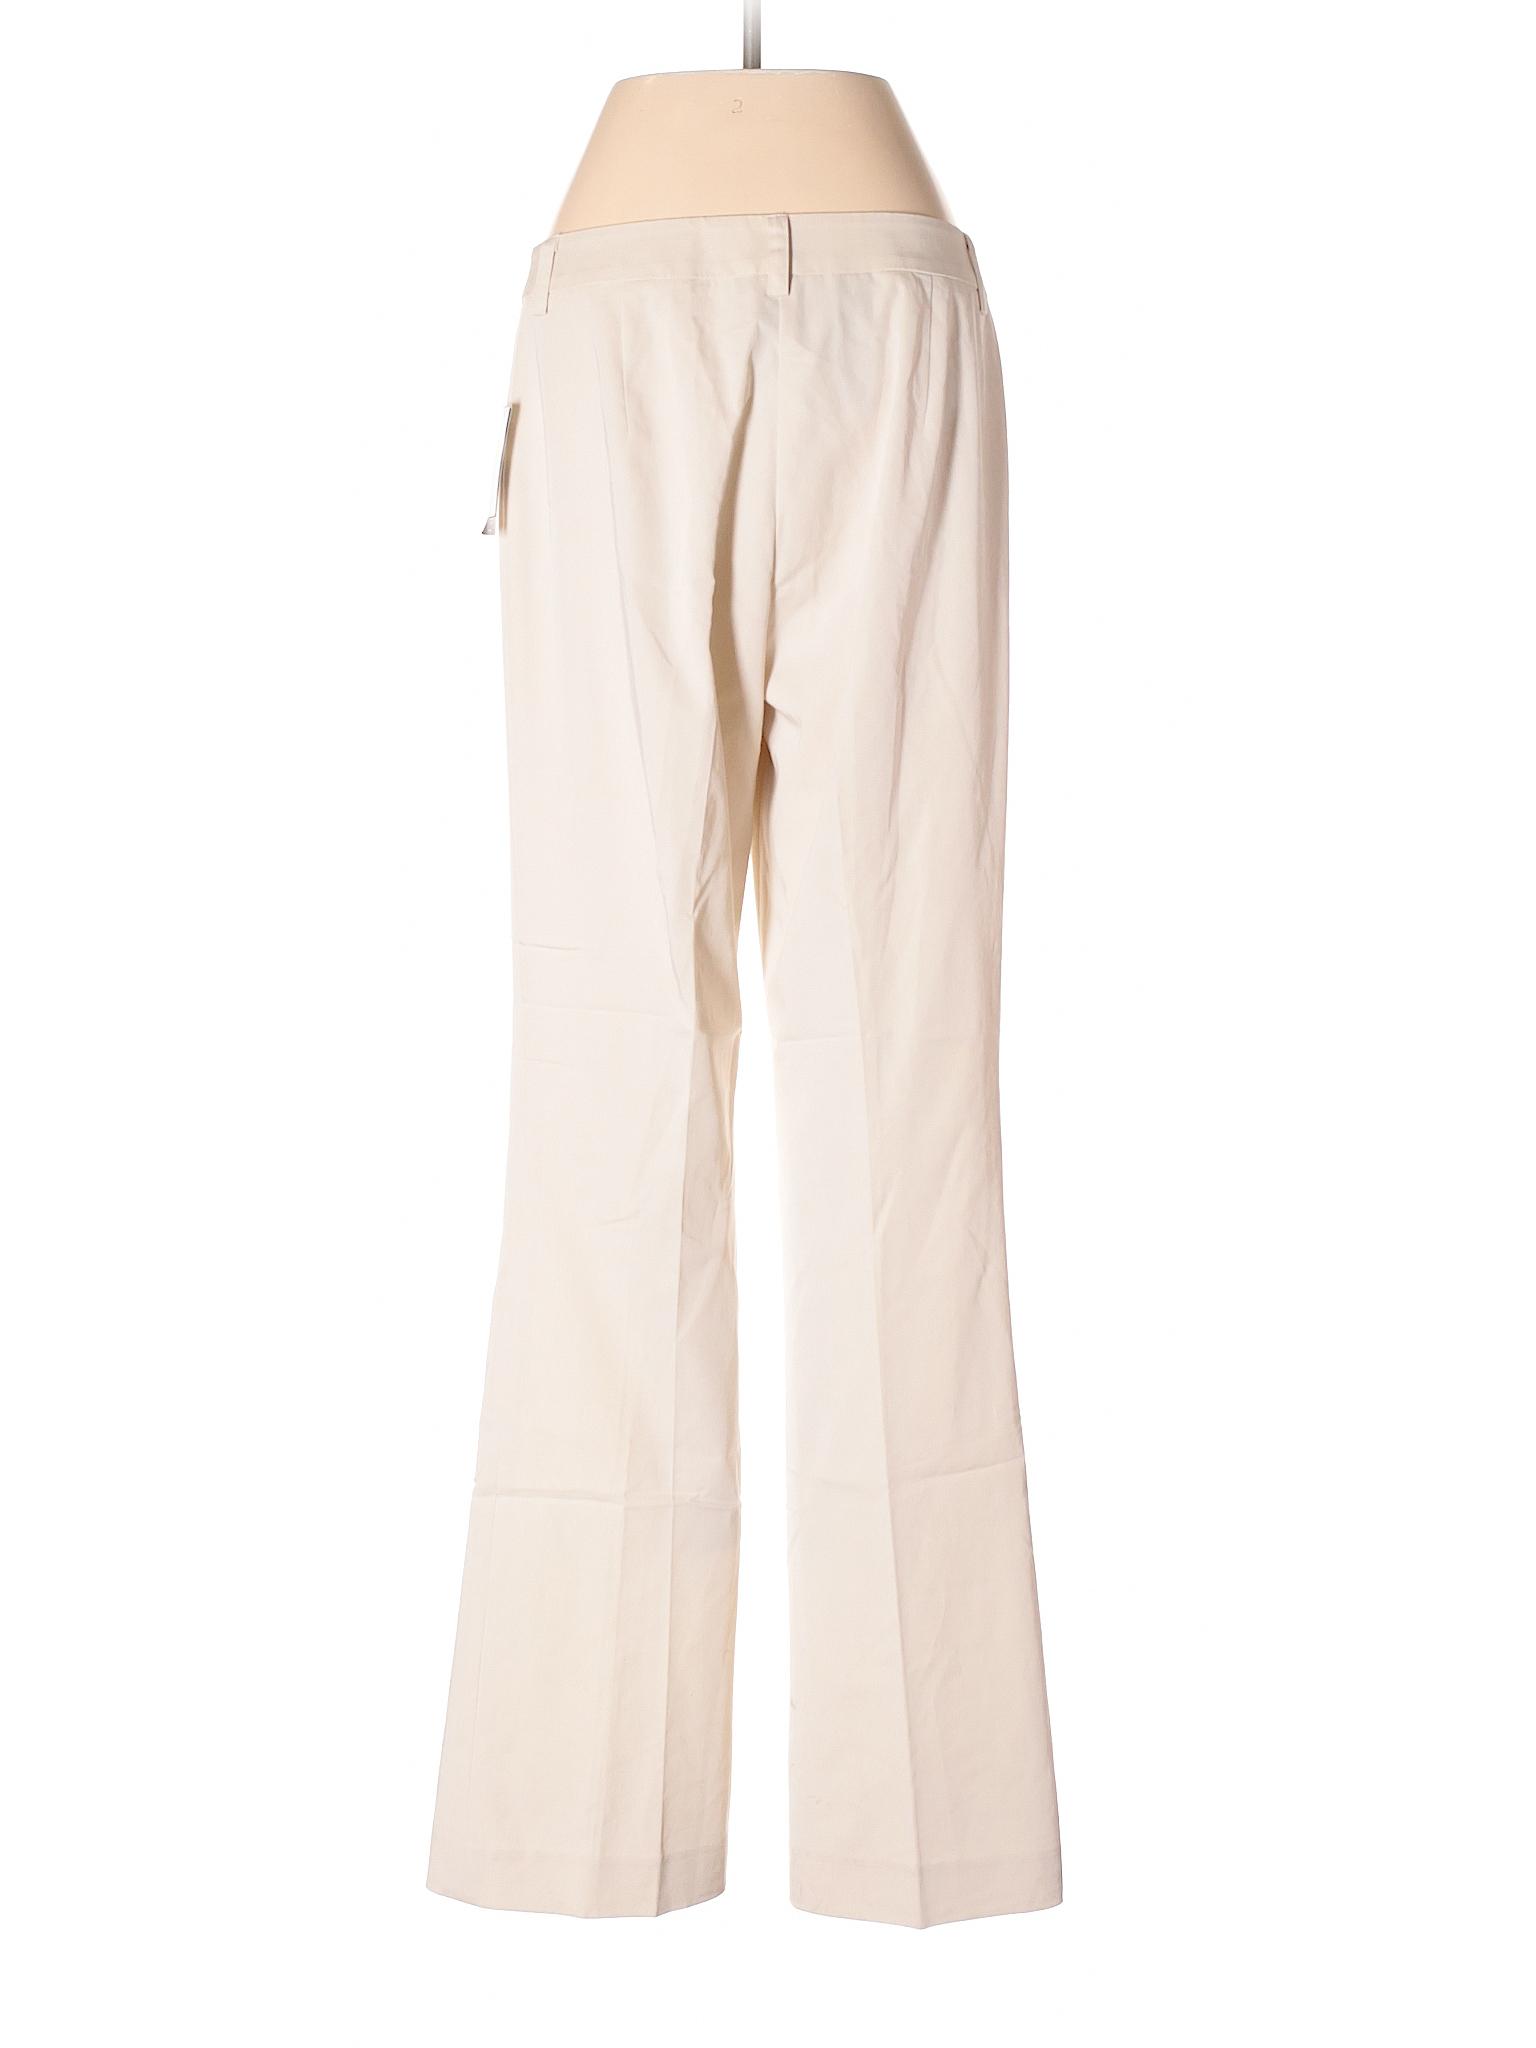 Jones York Signature Dress Boutique New leisure Pants q4wztt5S